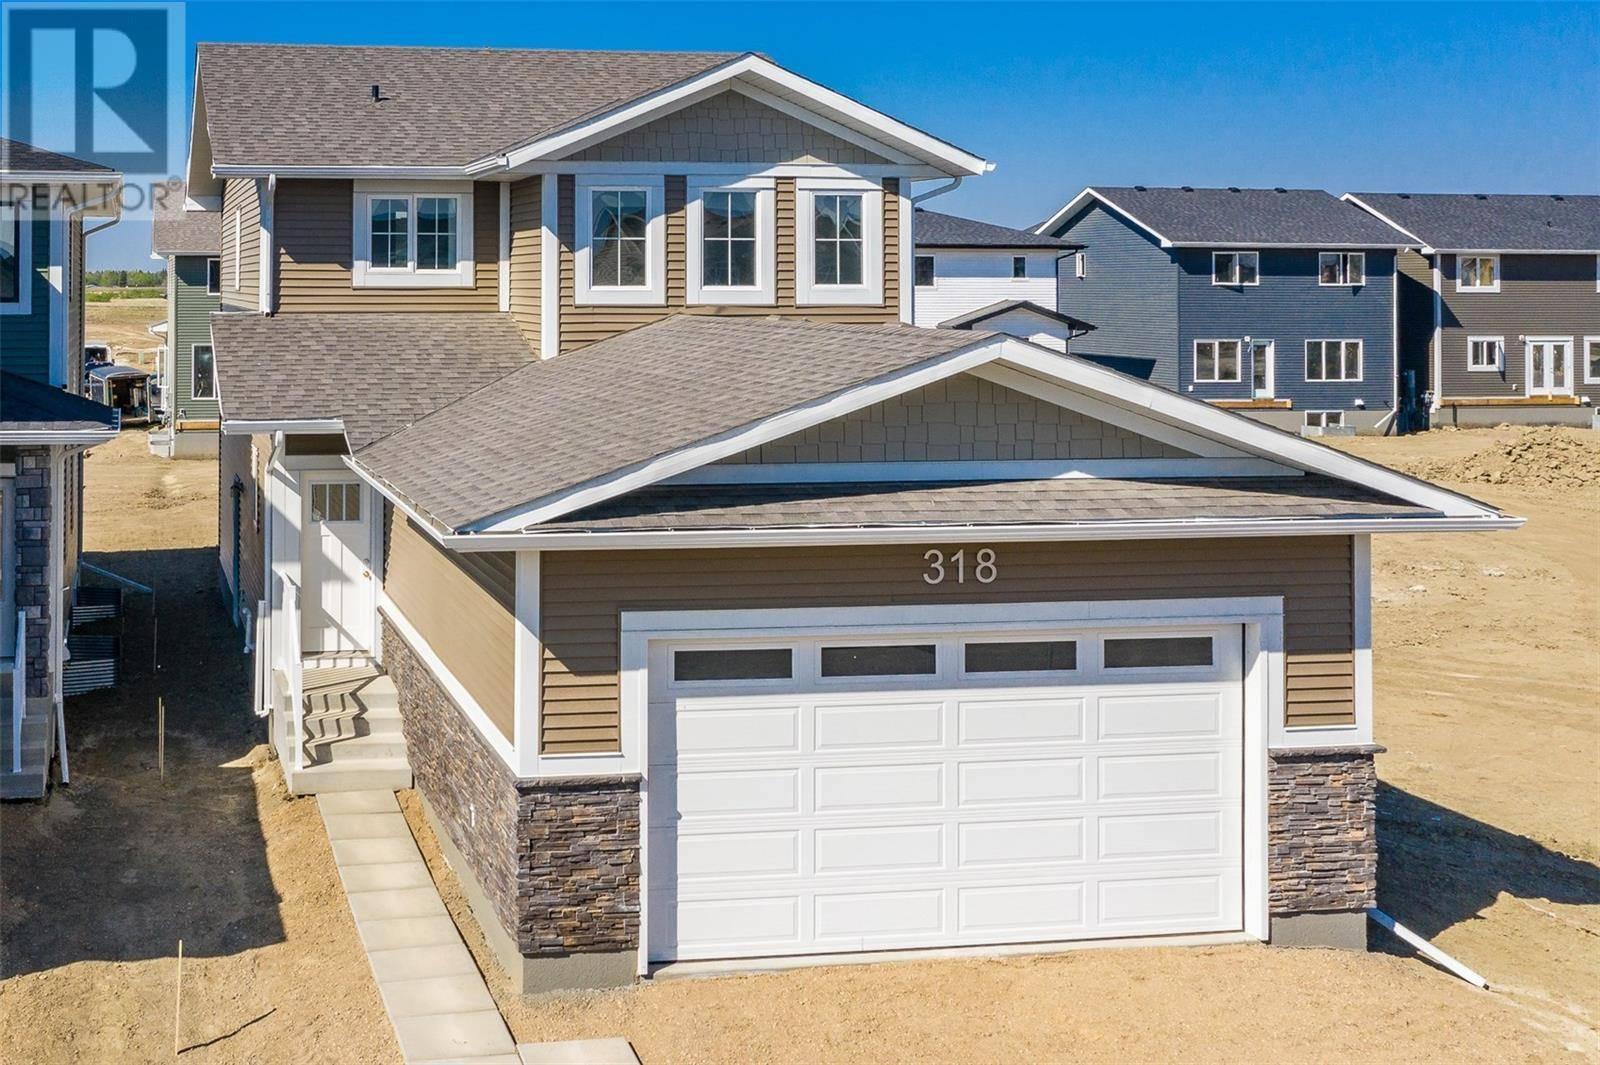 House for sale at 318 Germain Mnr  Saskatoon Saskatchewan - MLS: SK789053